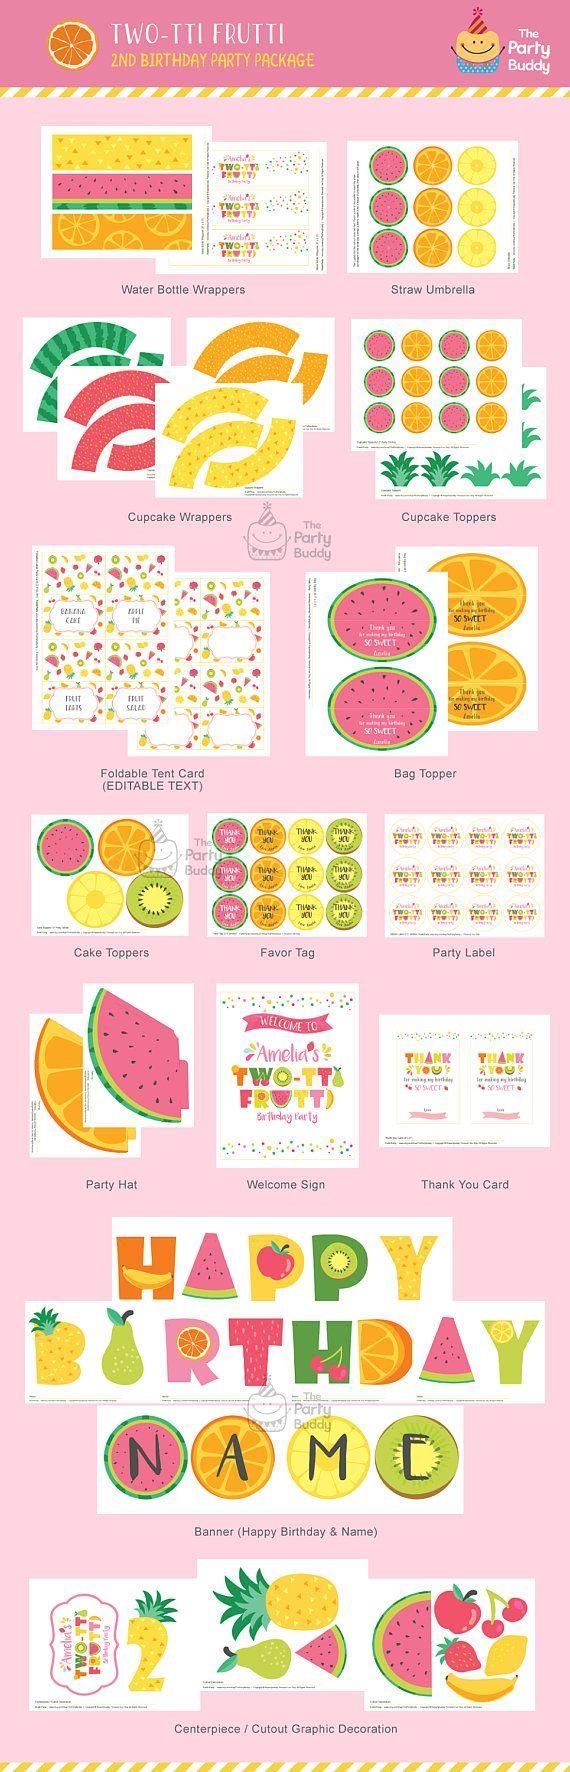 Pack fiesta Twotti Frutti  Chicas dulce cumpleaños 2  Fruta